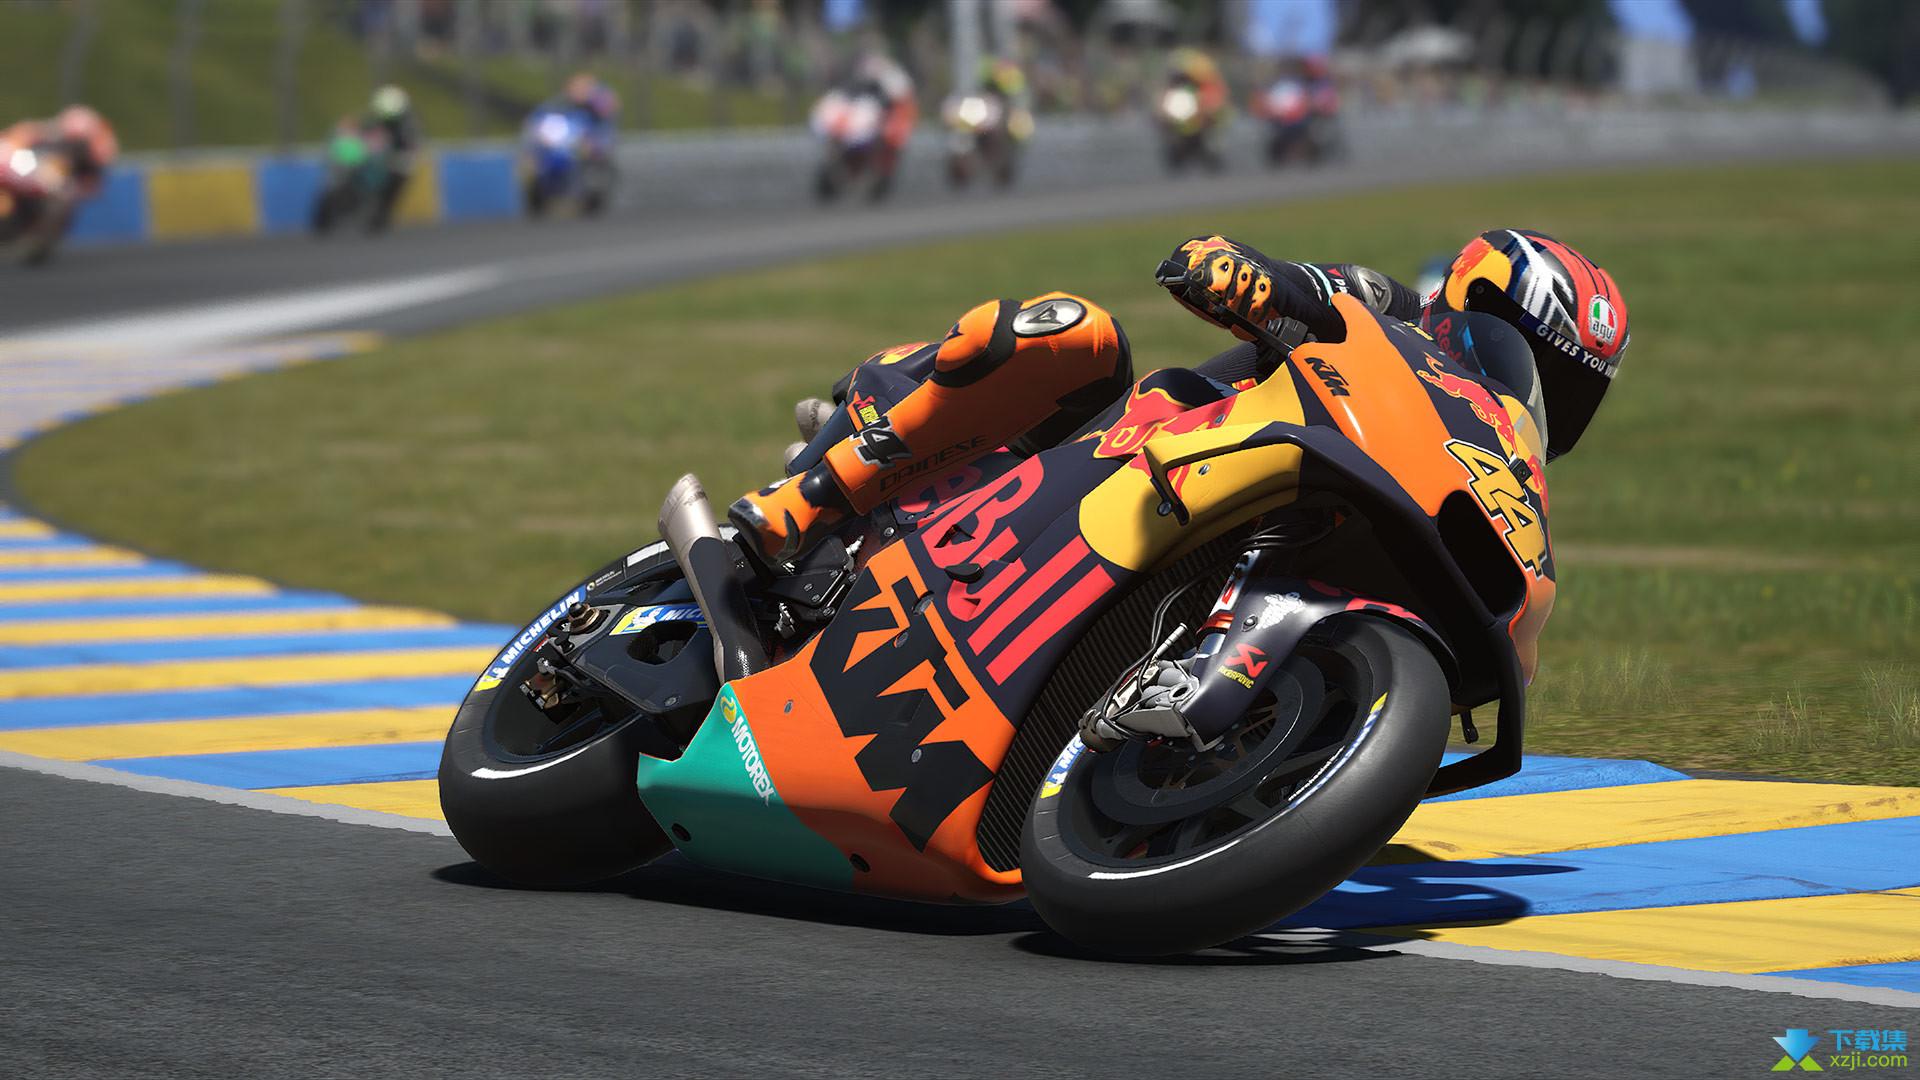 世界摩托大奖赛20界面1